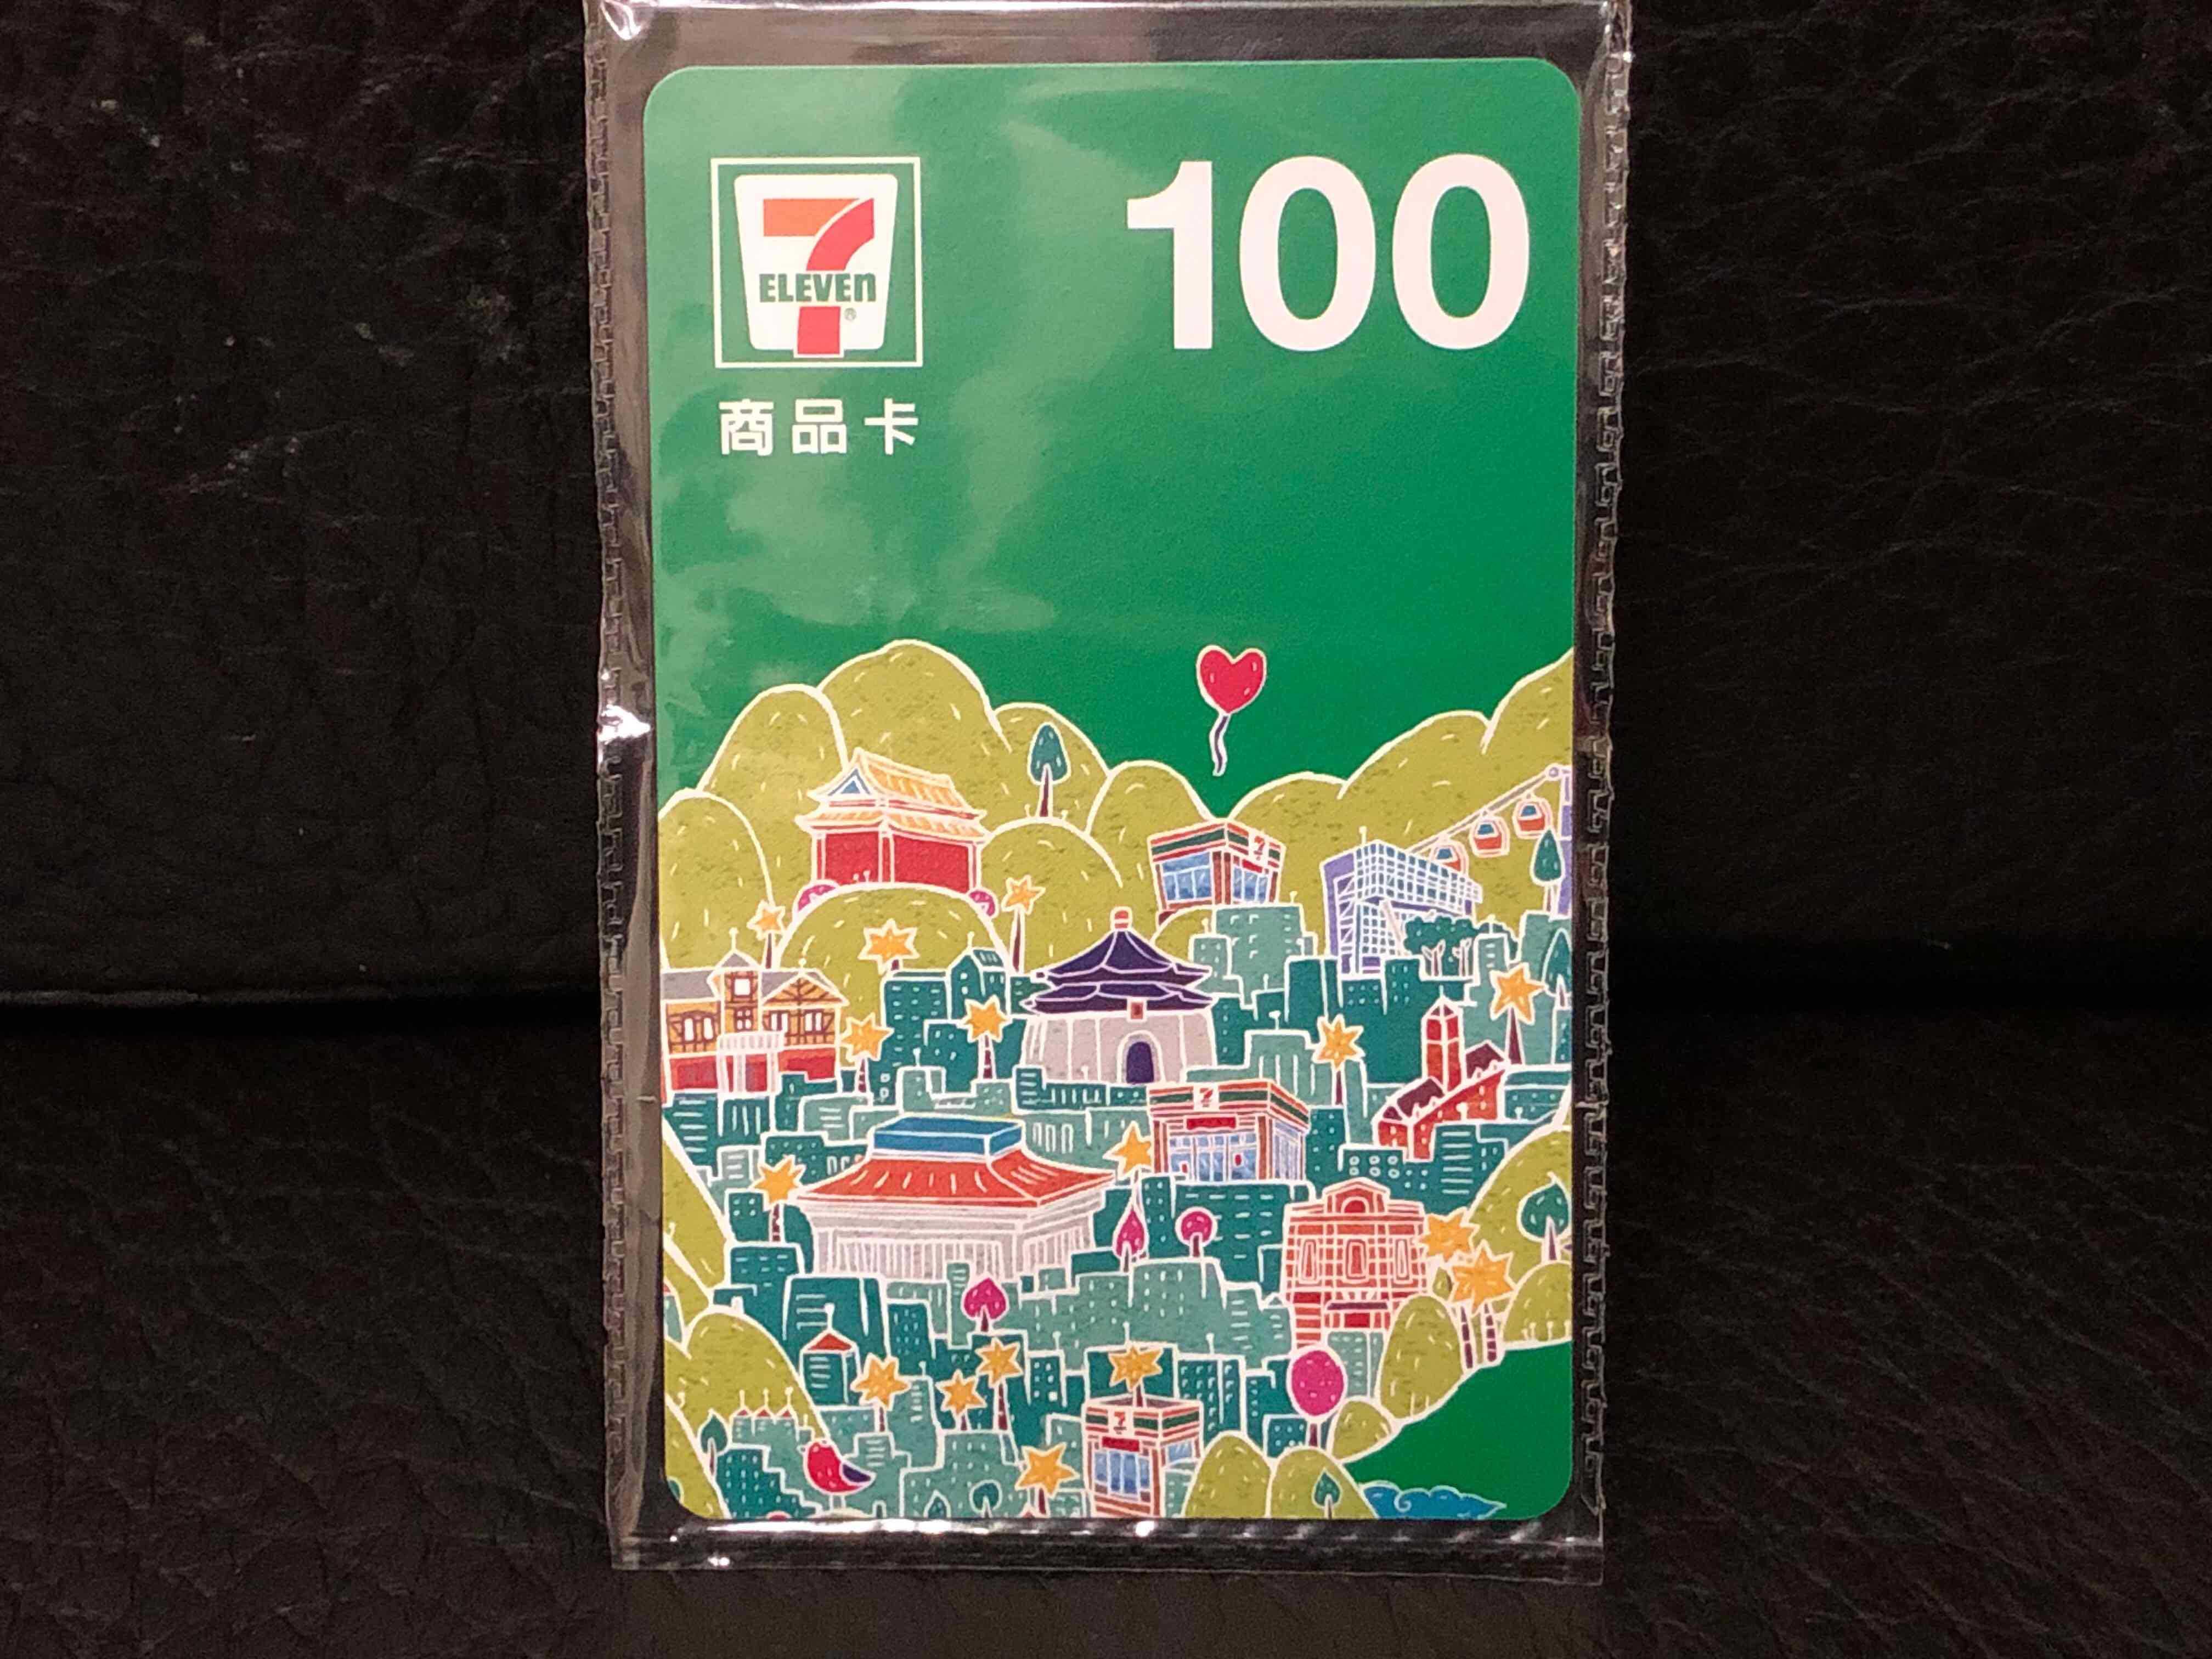 7-11 小七 商品卡 100元